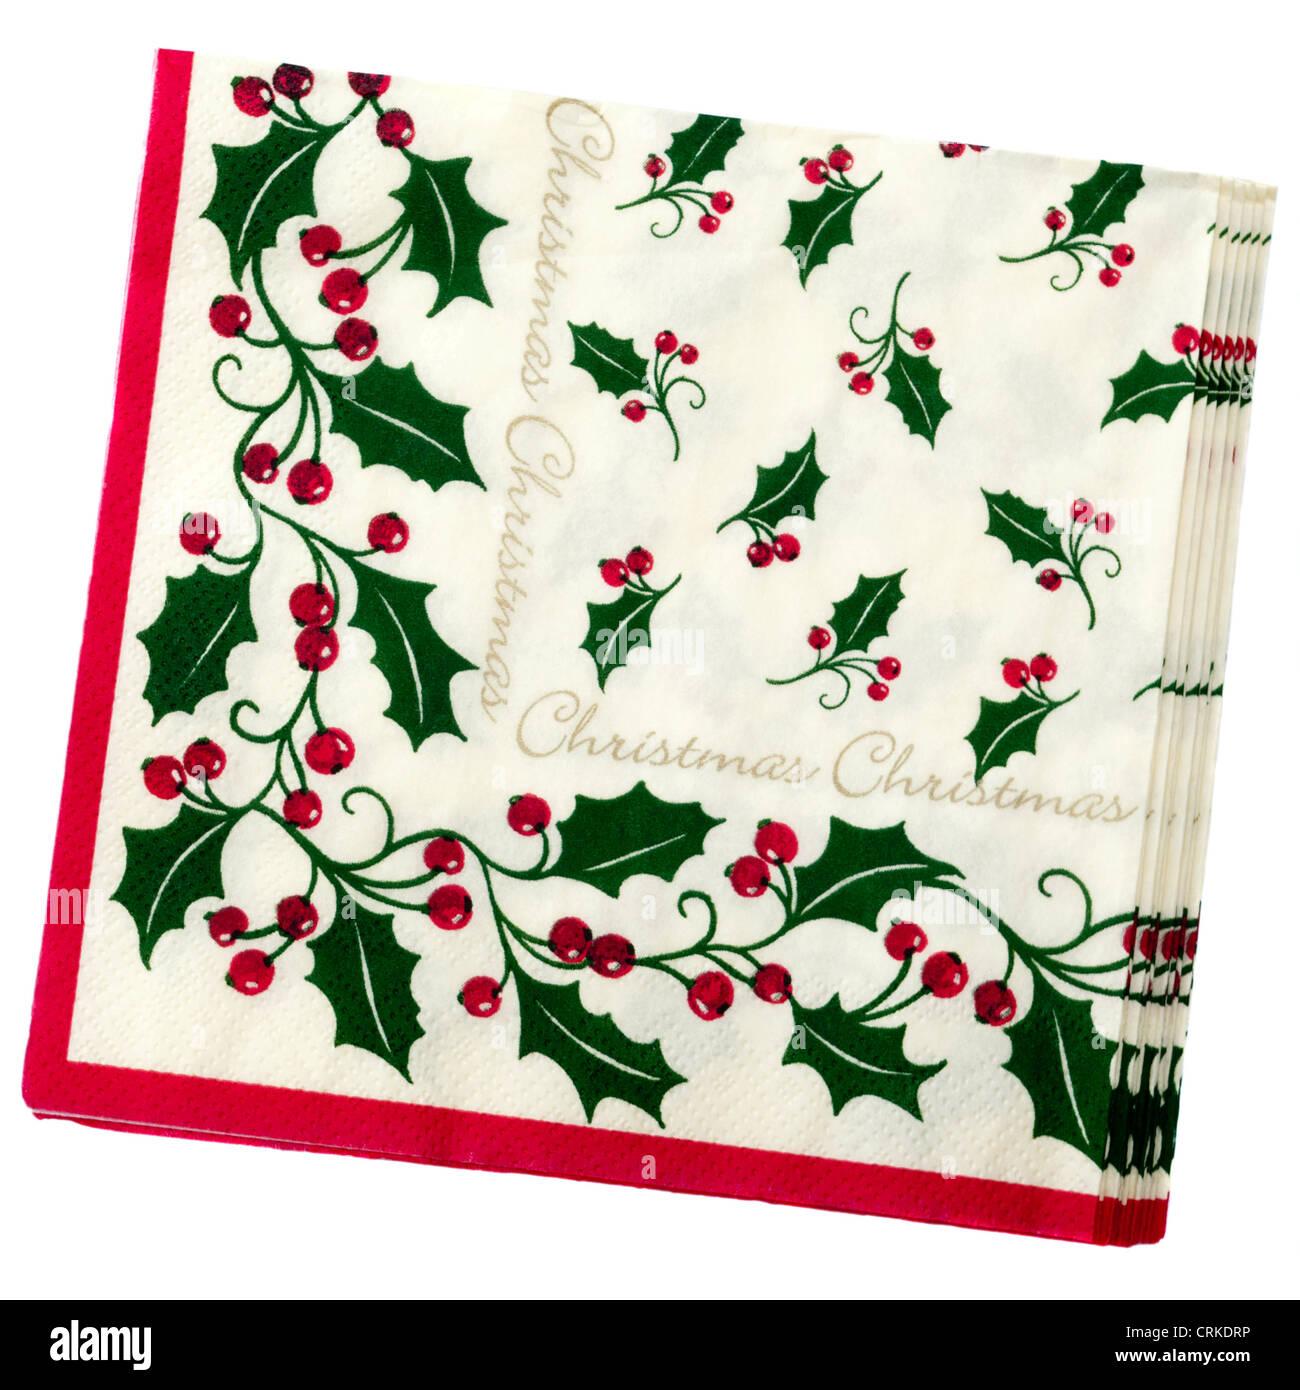 Piegare Tovaglioli Carta Natale natale tovaglioli xmas festive di tovaglioli di carta foto